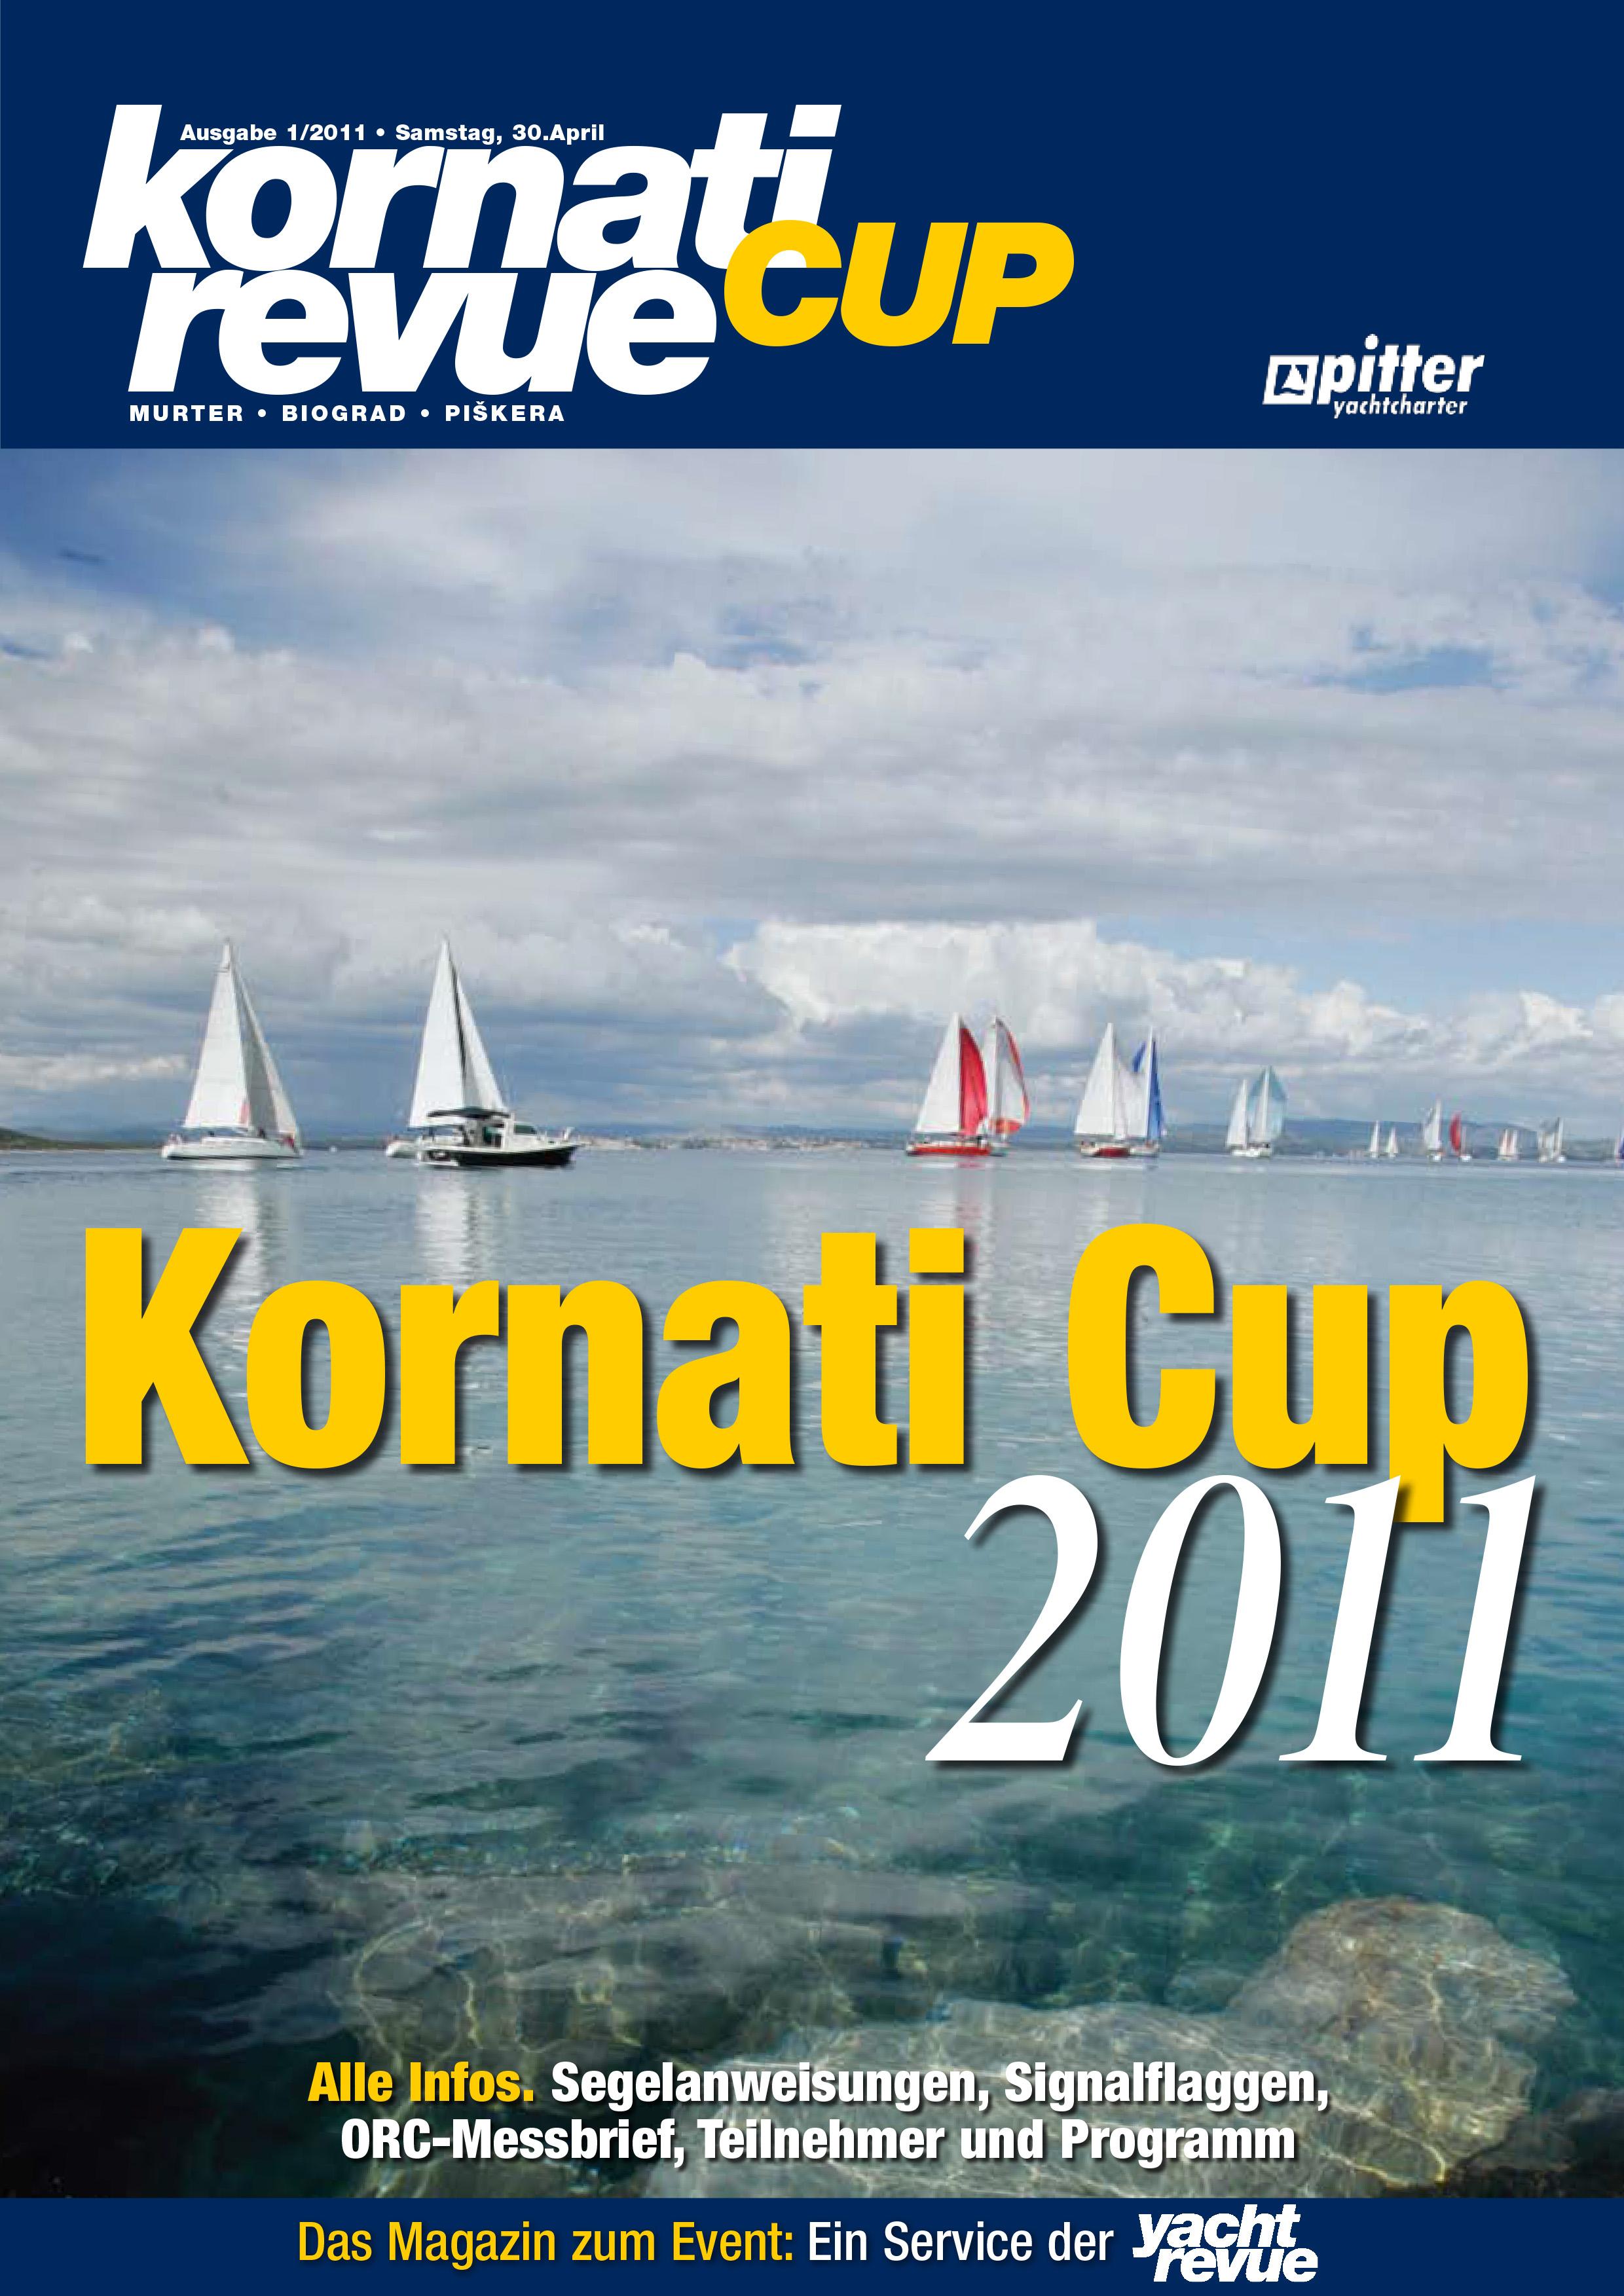 Kornati Cup Revue 2011